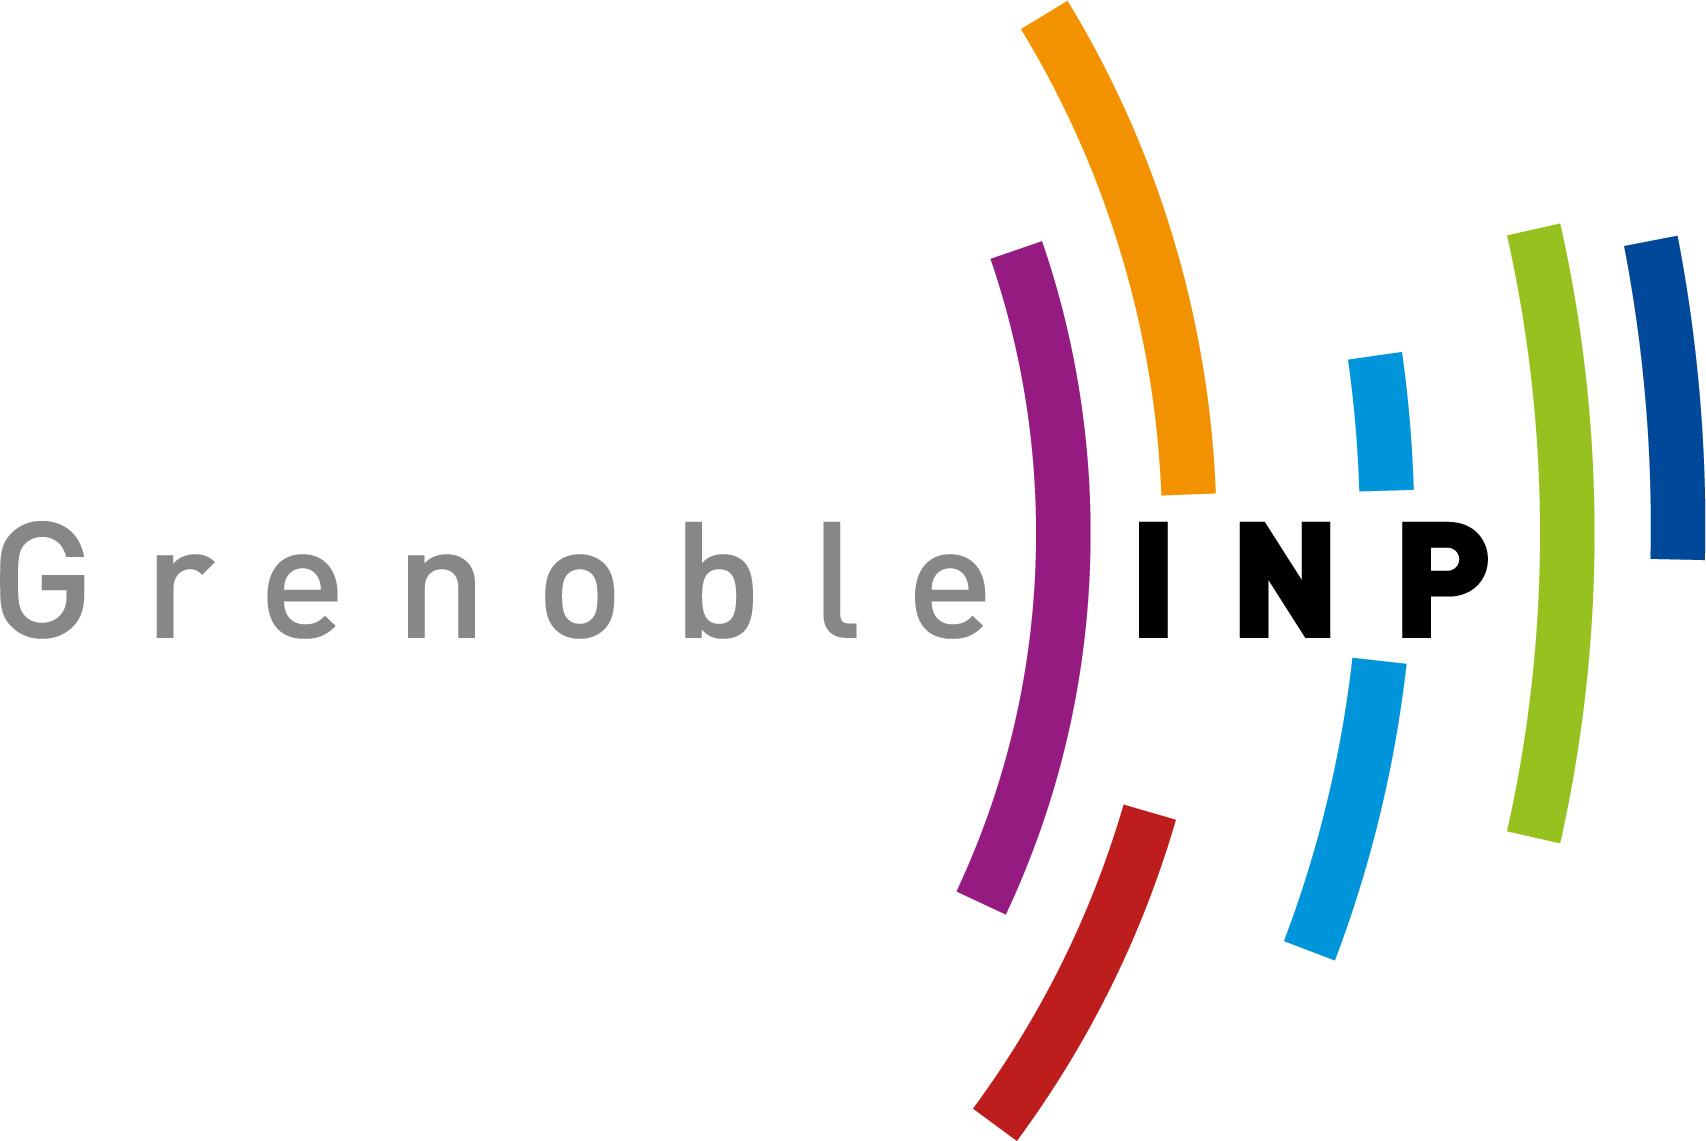 Grenoble INP logo